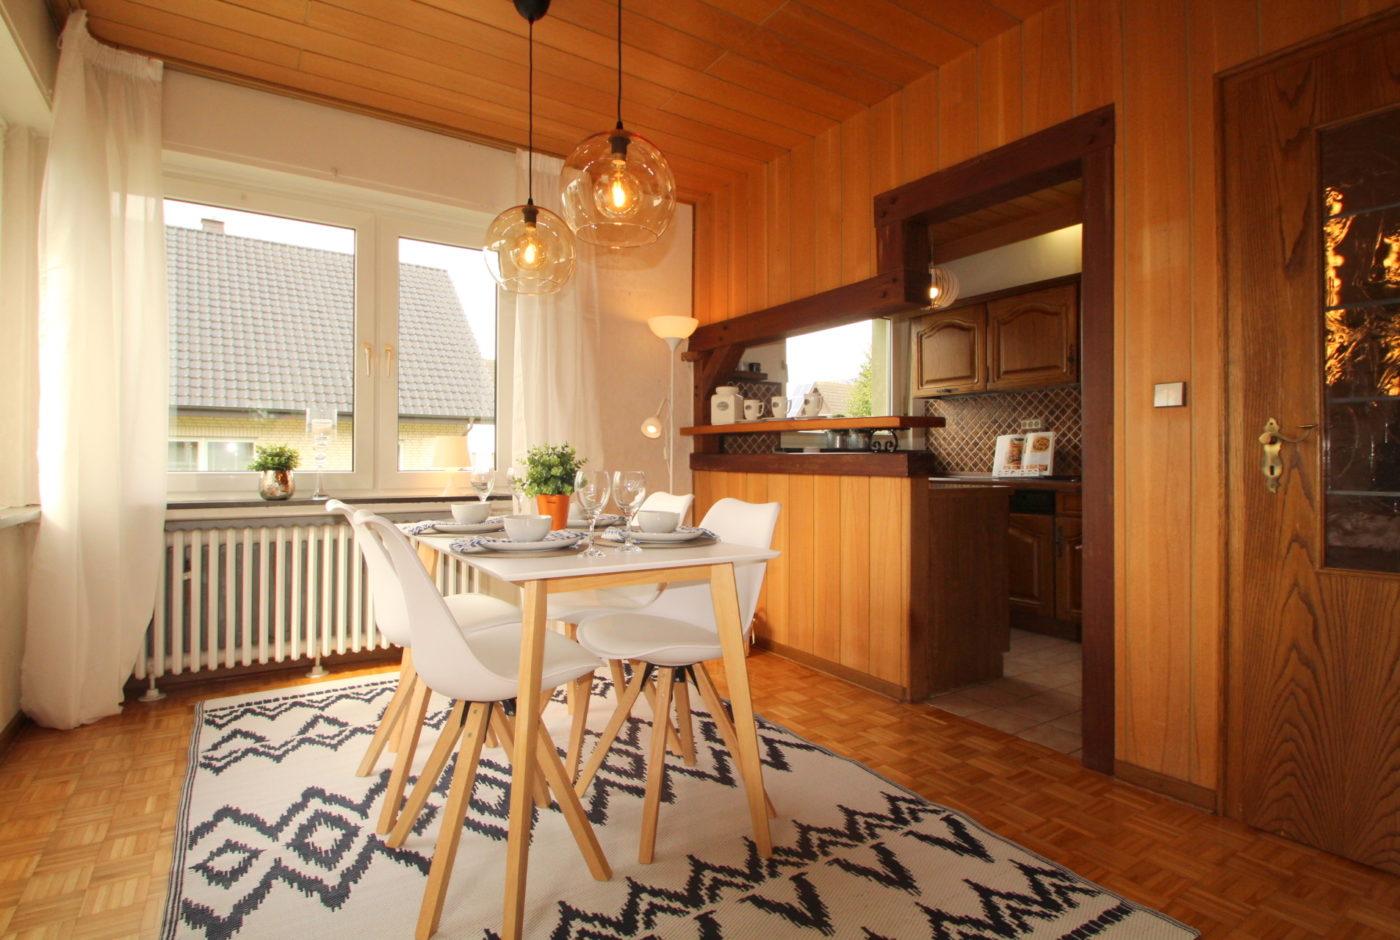 Blickfang Homestaging Wir sorgen für eine stimmungsvolle und ansprechende Immobilienpräsentation, die alle Sinne begeistert. Begeisterung bei Kaufinteressenten sorgt für Nachfrage und den bestmöglichen Kaufpreis